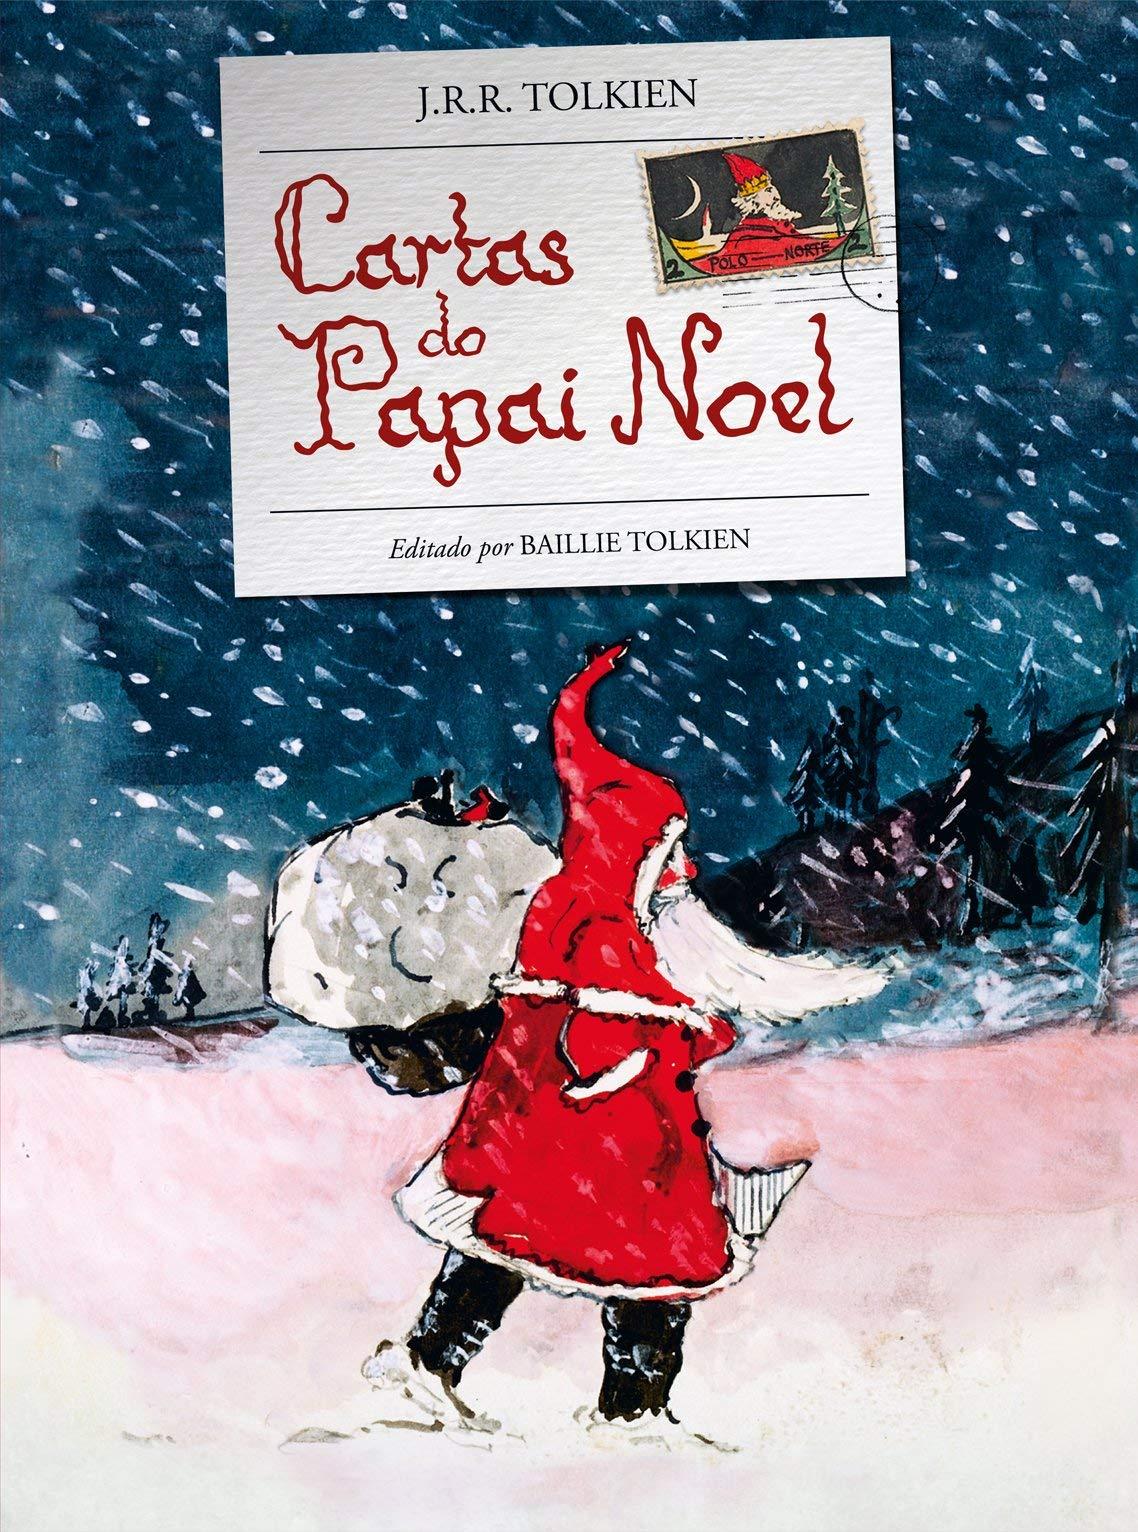 Cartas do Papai Noel, de J.R.R. Tolkien